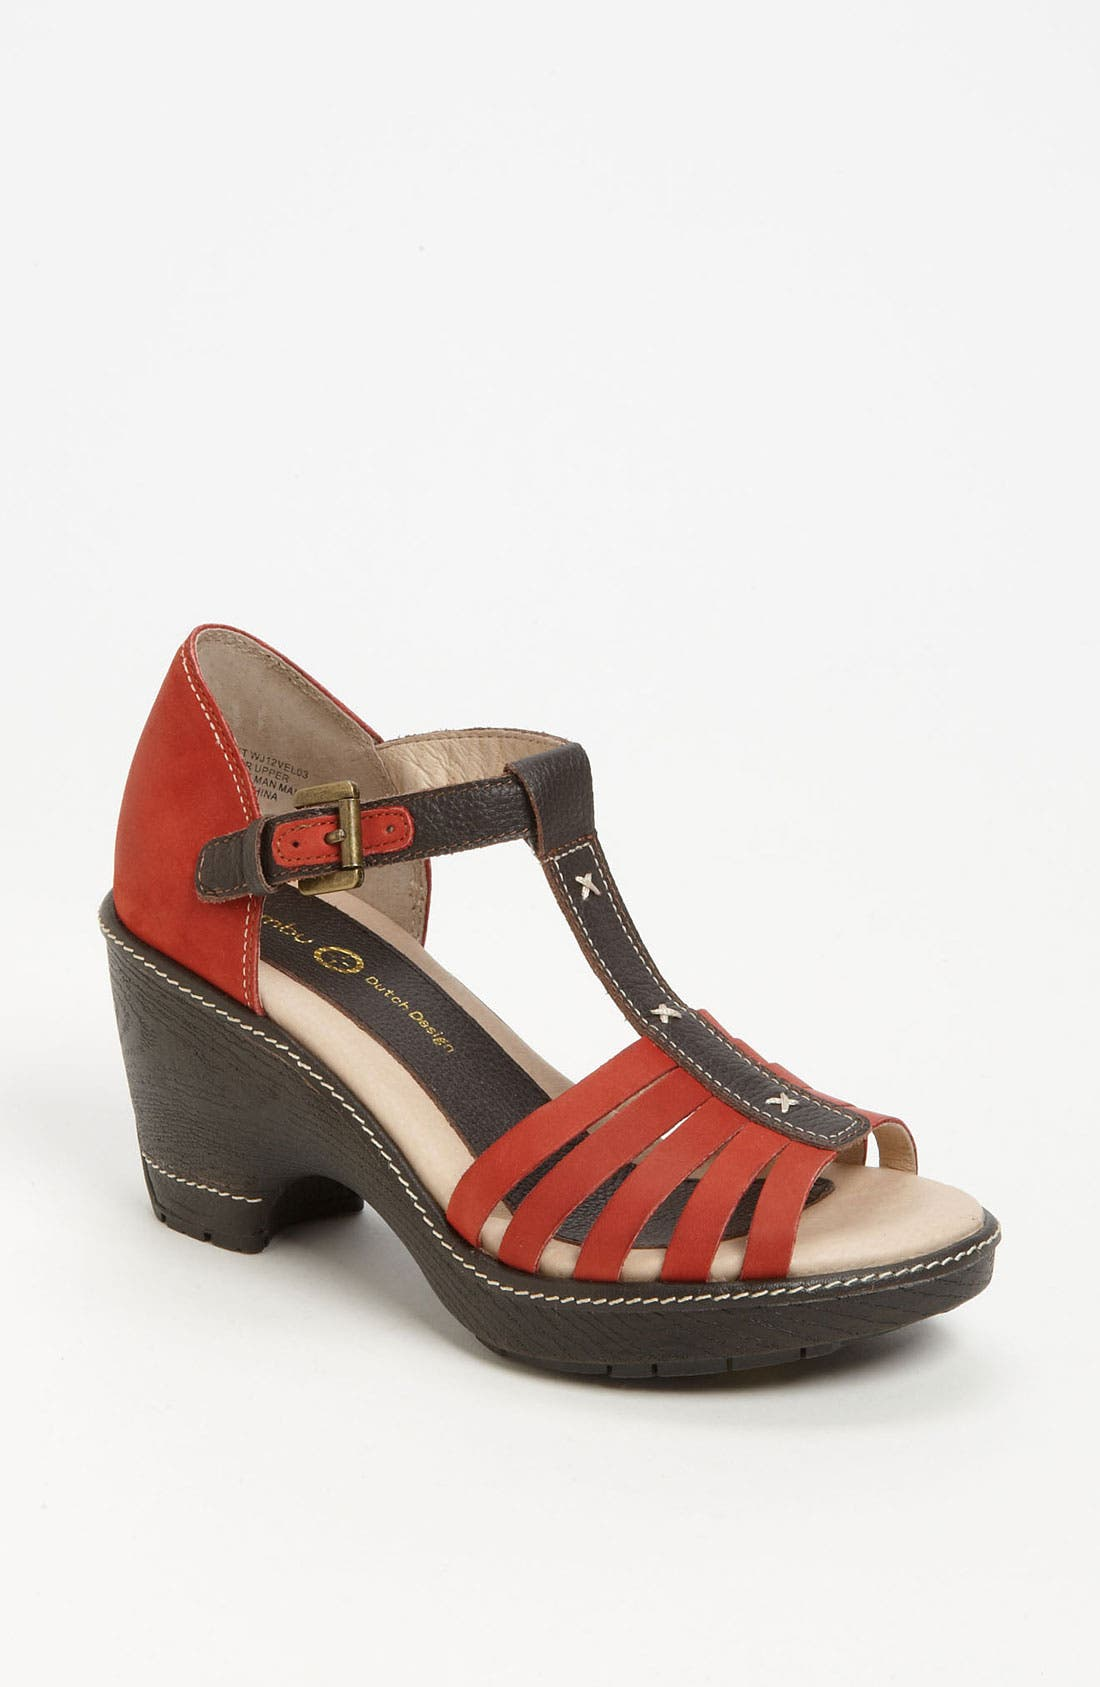 Main Image - Jambu 'Velvet' Sandal